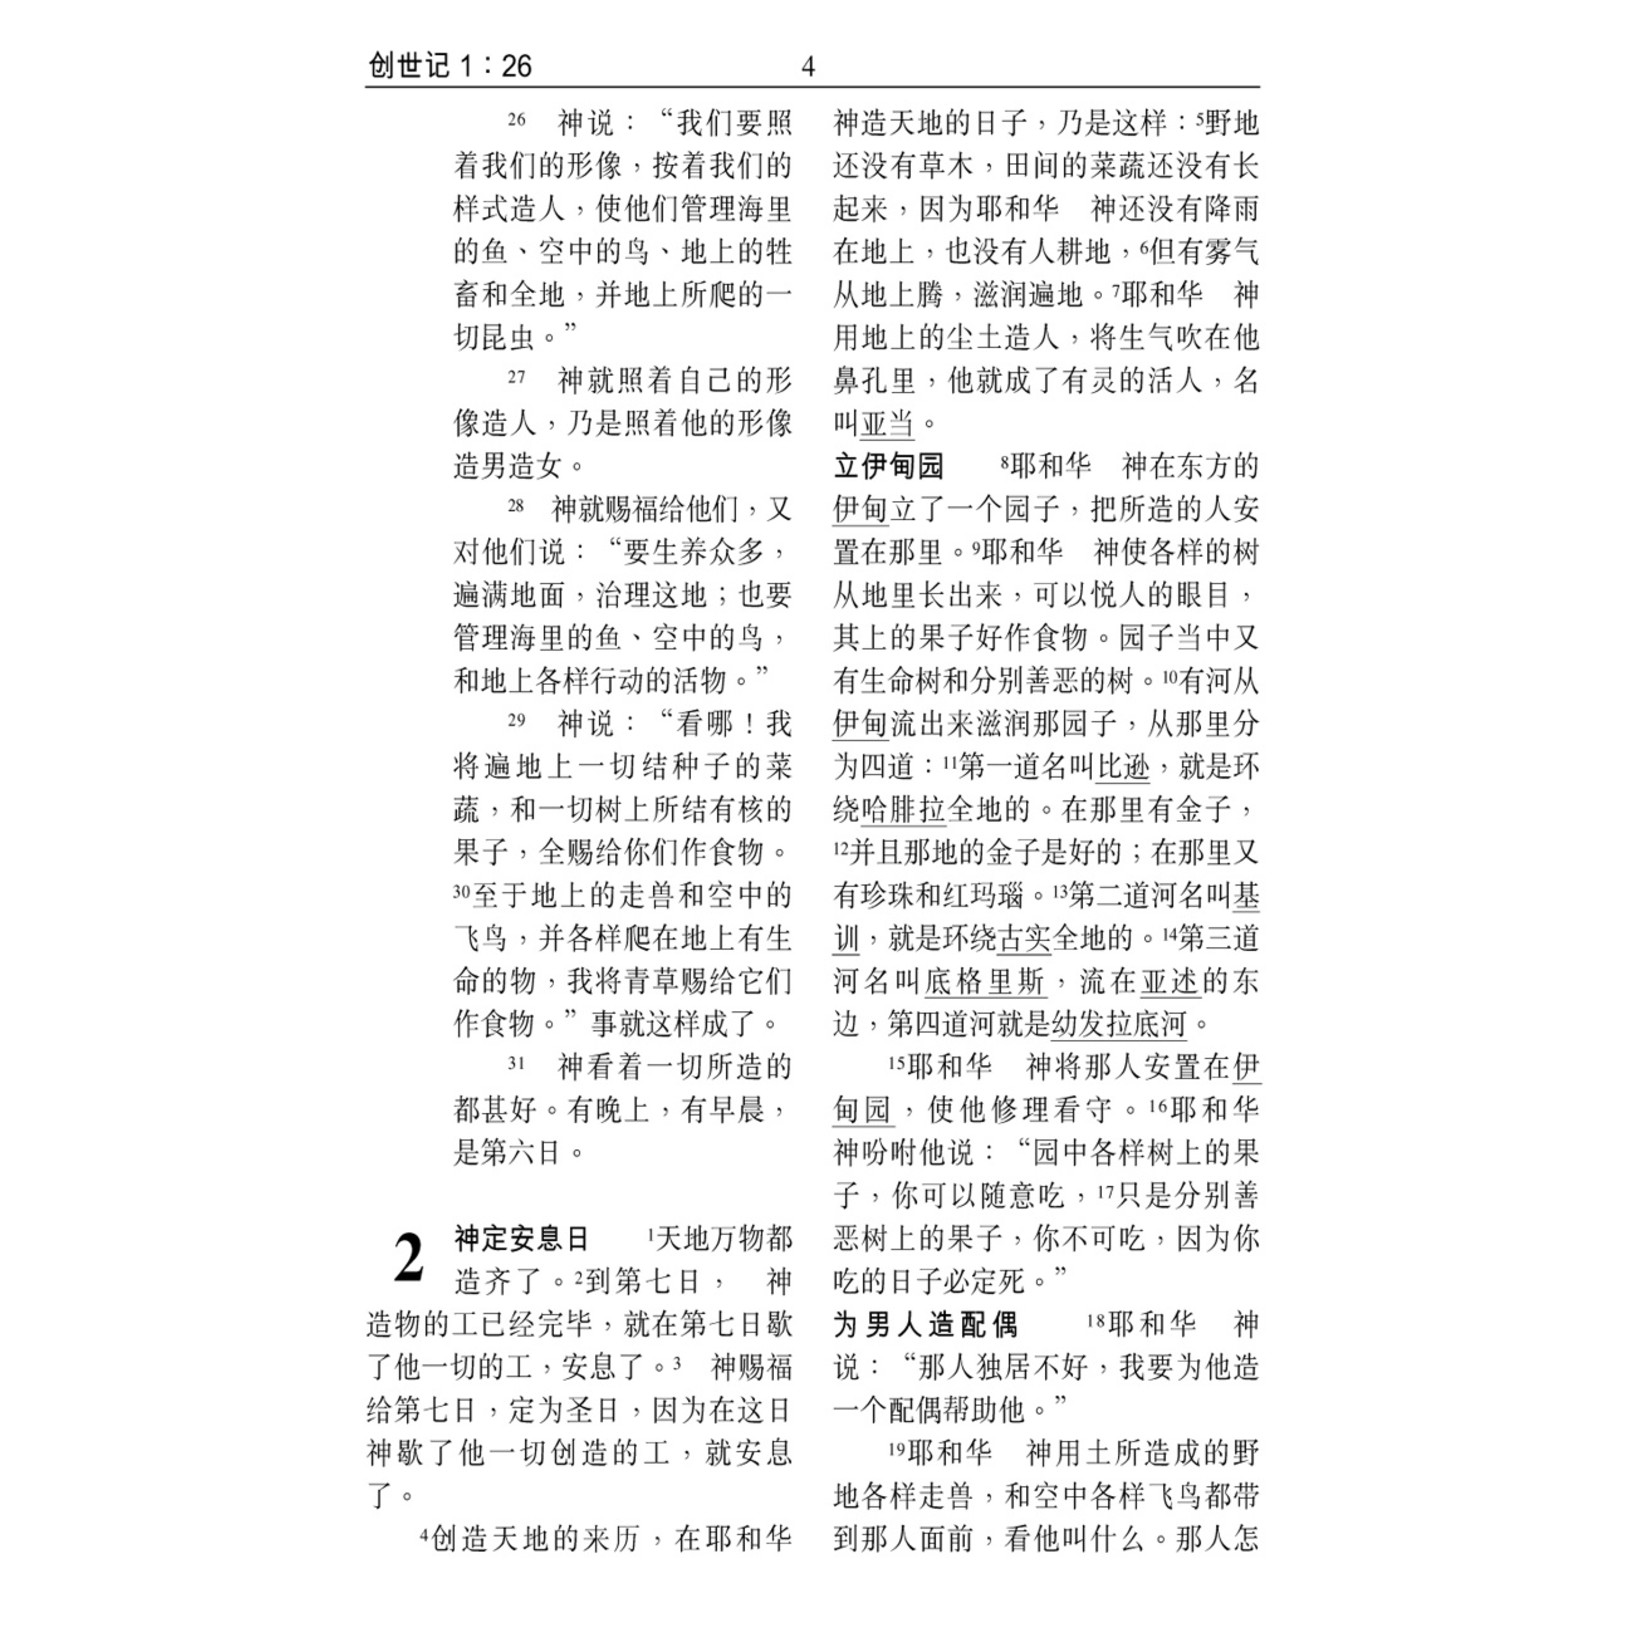 漢語聖經協會 Chinese Bible International 和合本.祈祷应许版拇指版.蓝色仿皮面.银边.拉链 Union Version (Prayer & Promise Edition) (Navy Leather Zipper Silvering Edge)